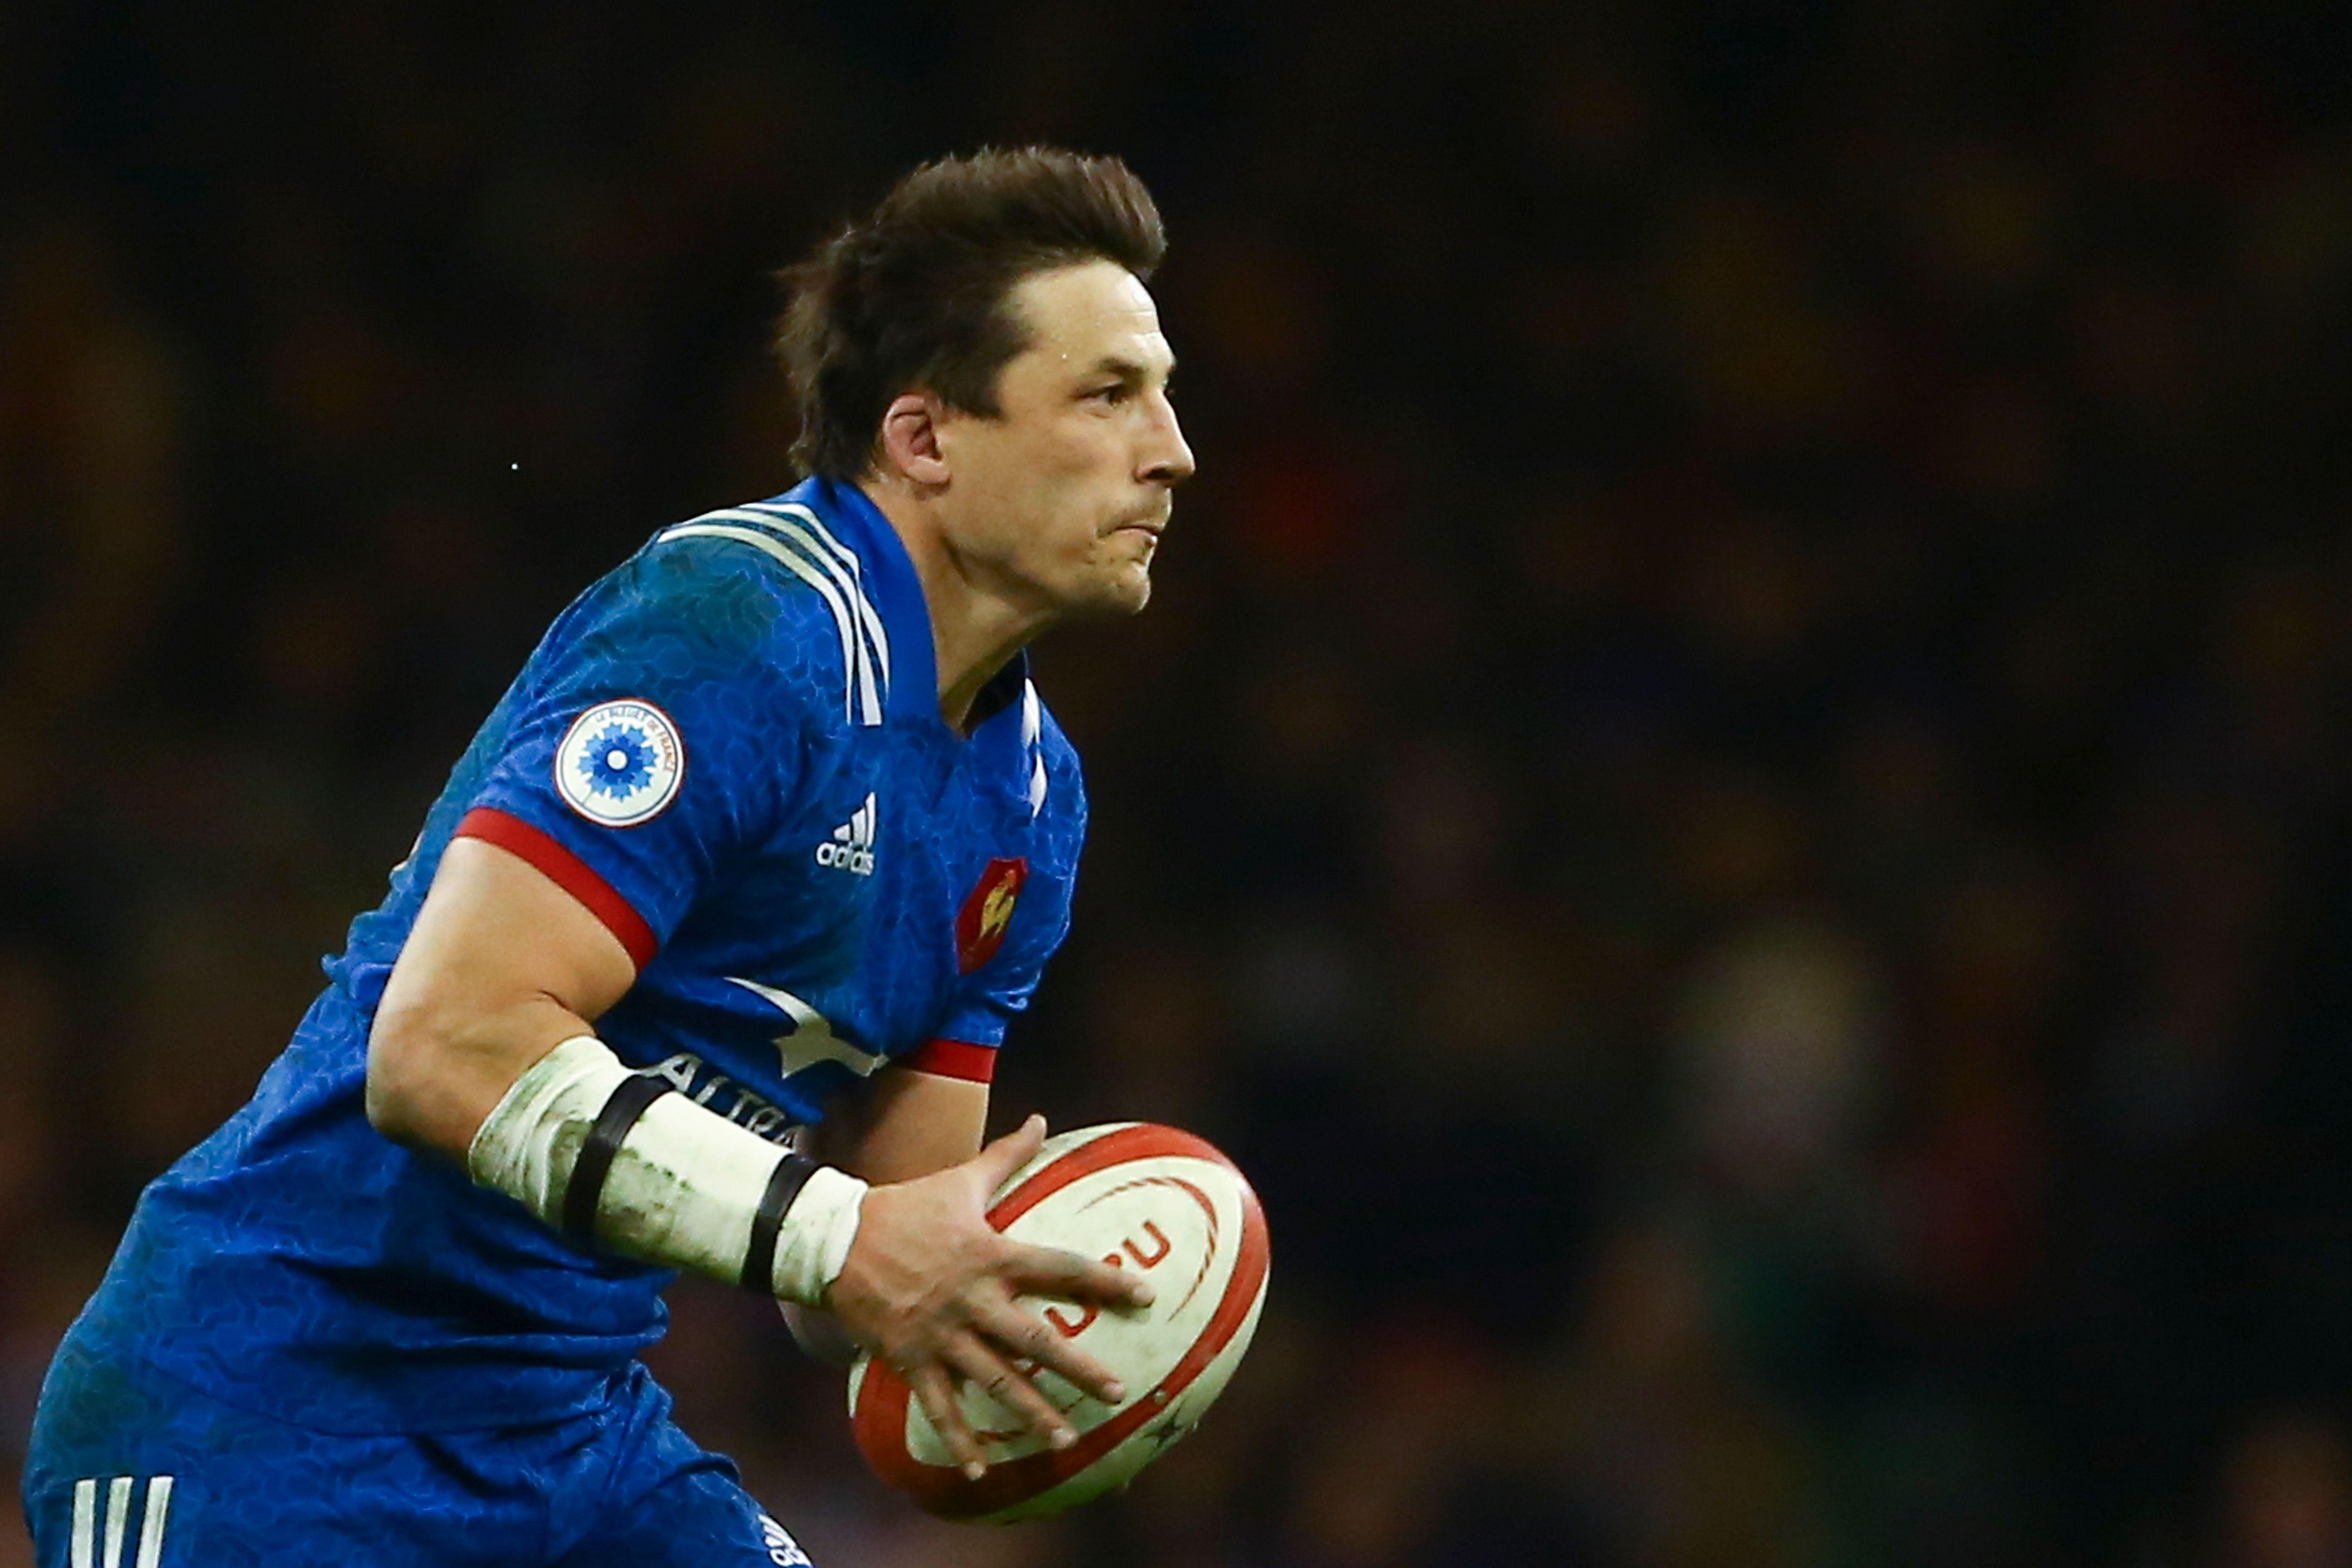 Rugby - XV de France - Trinh-Duc et sa pénalité ratée : «Je m'en veux, je suis déçu»